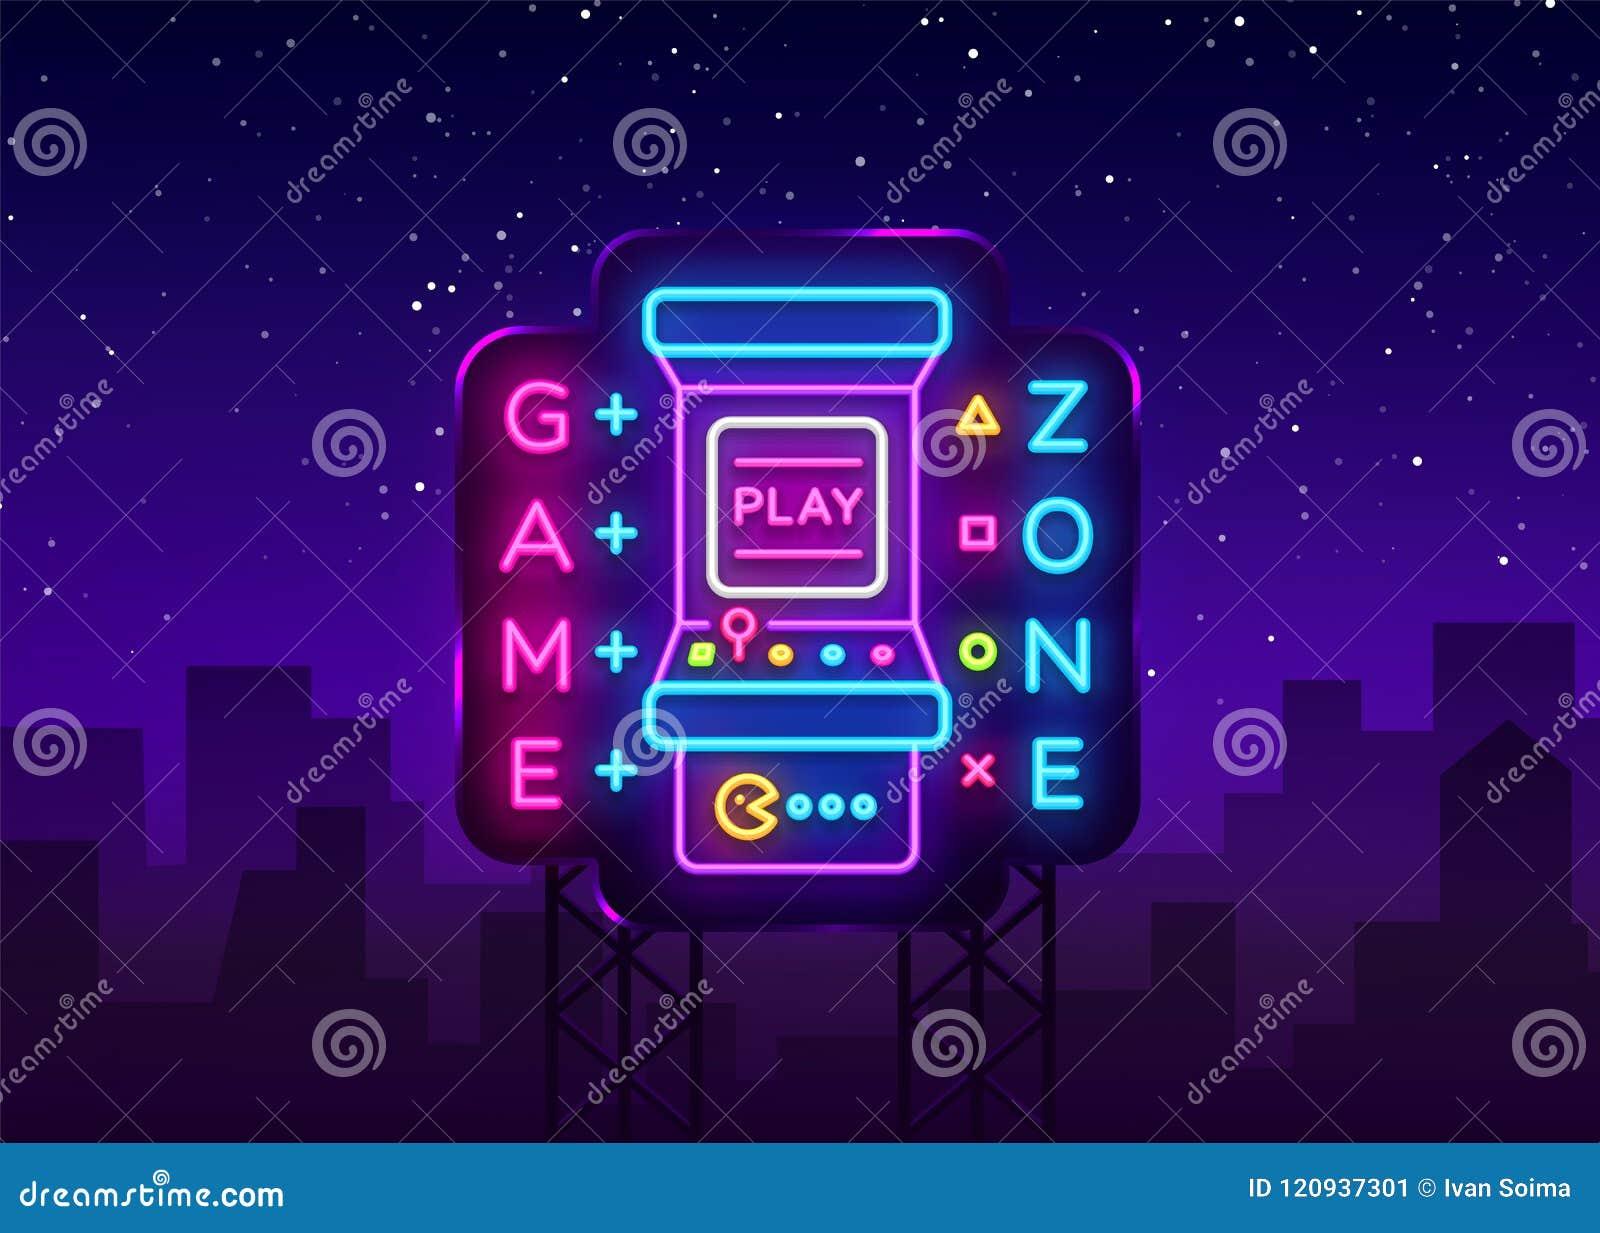 Modig zon Logo Vector Neon För neontecken för modigt rum bräde, designmall som spelar branschadvertizing, dobbelmaskin